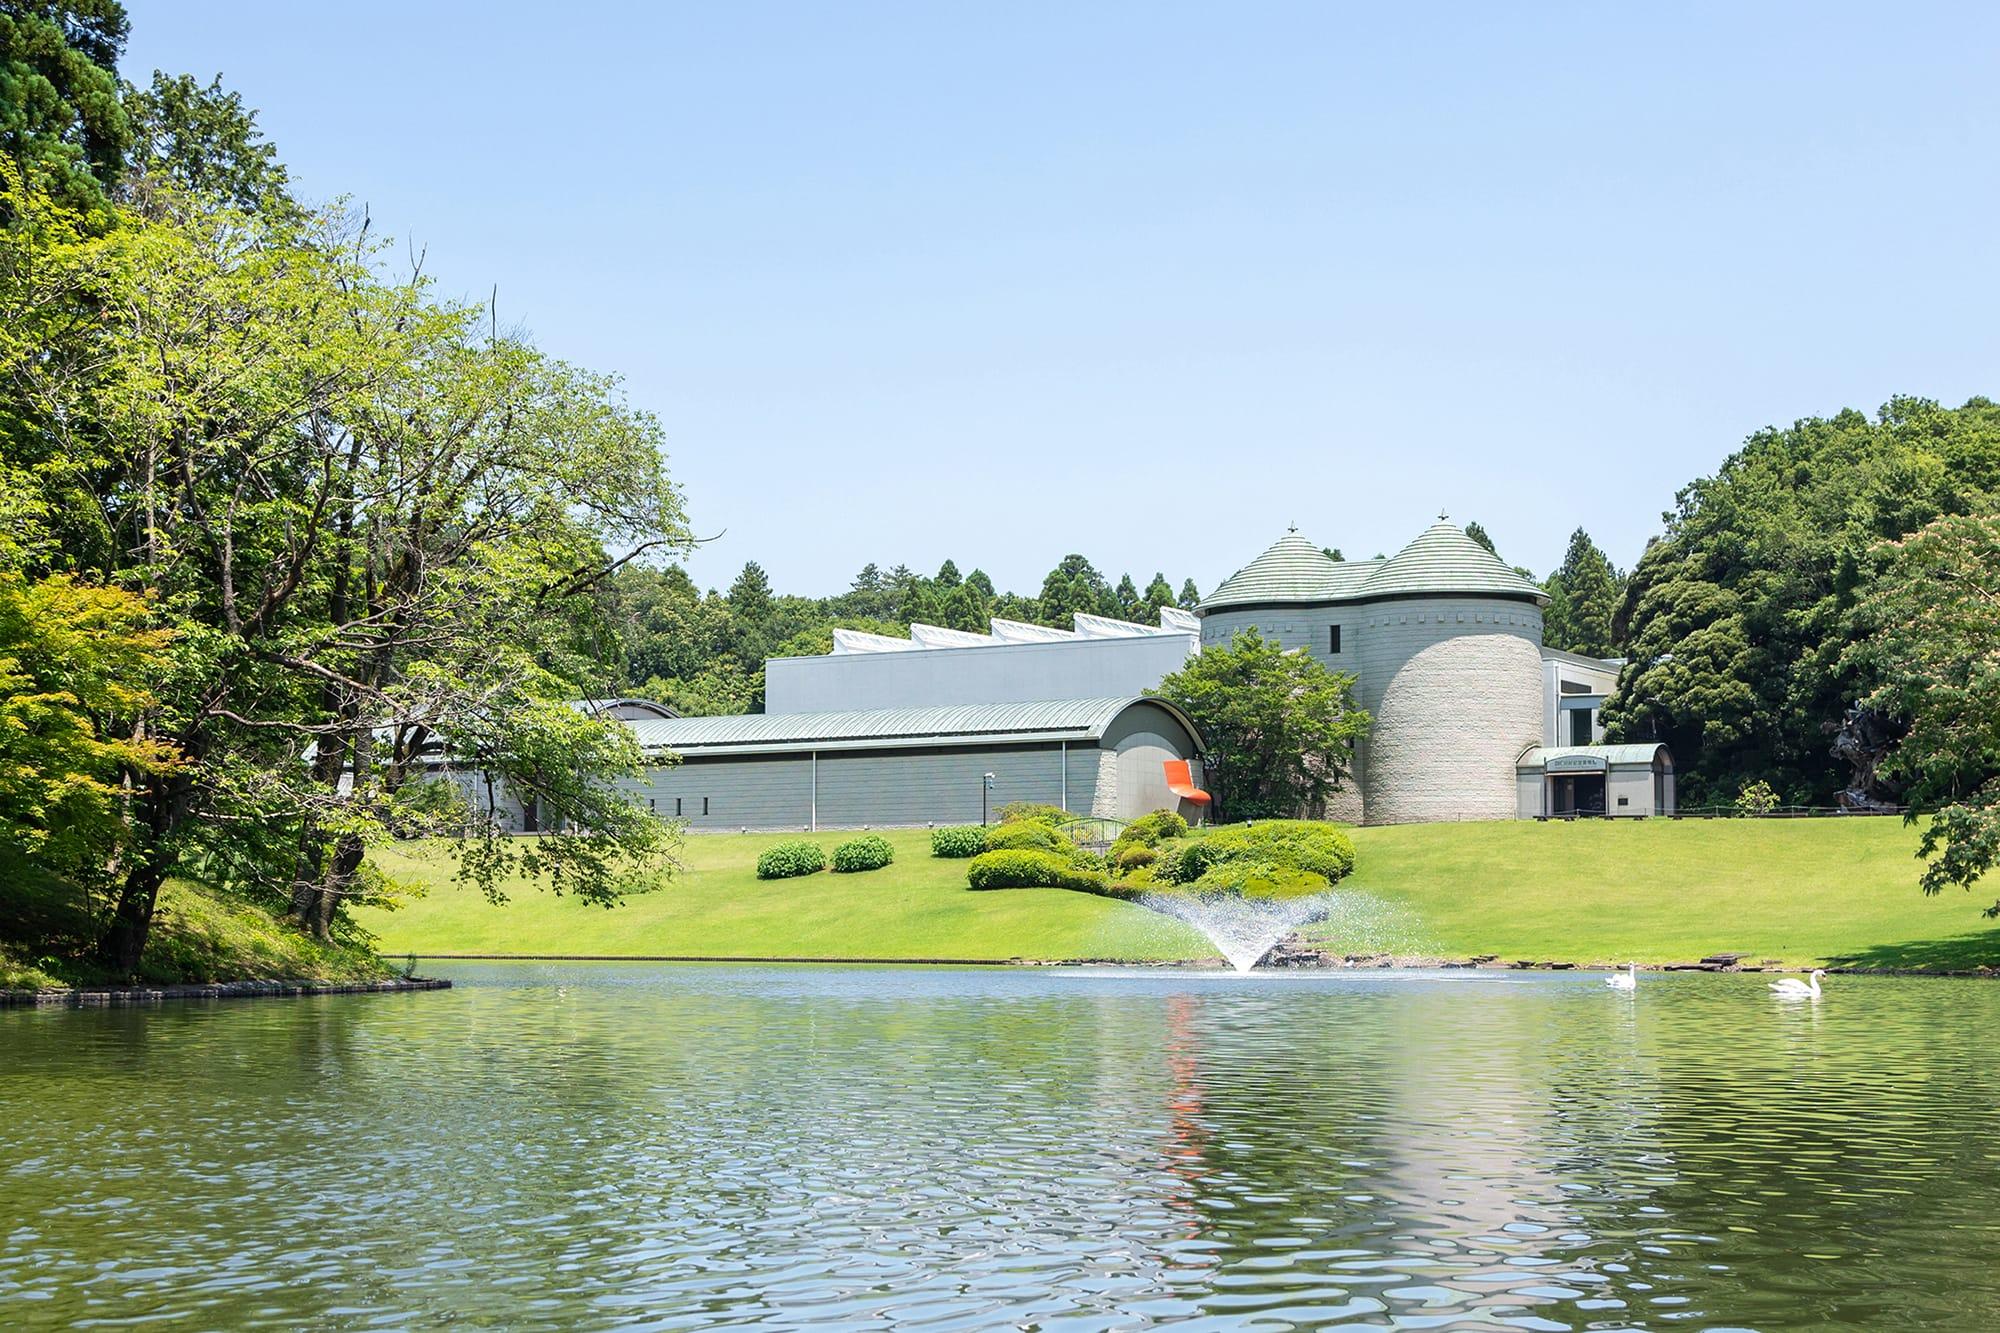 DIC川村記念美術館の外観。建築デザインは海老原一郎。かつて里山であった名残を留め、庭園にはなだらかな起伏が広がっている。Photo: Manami Takahashi